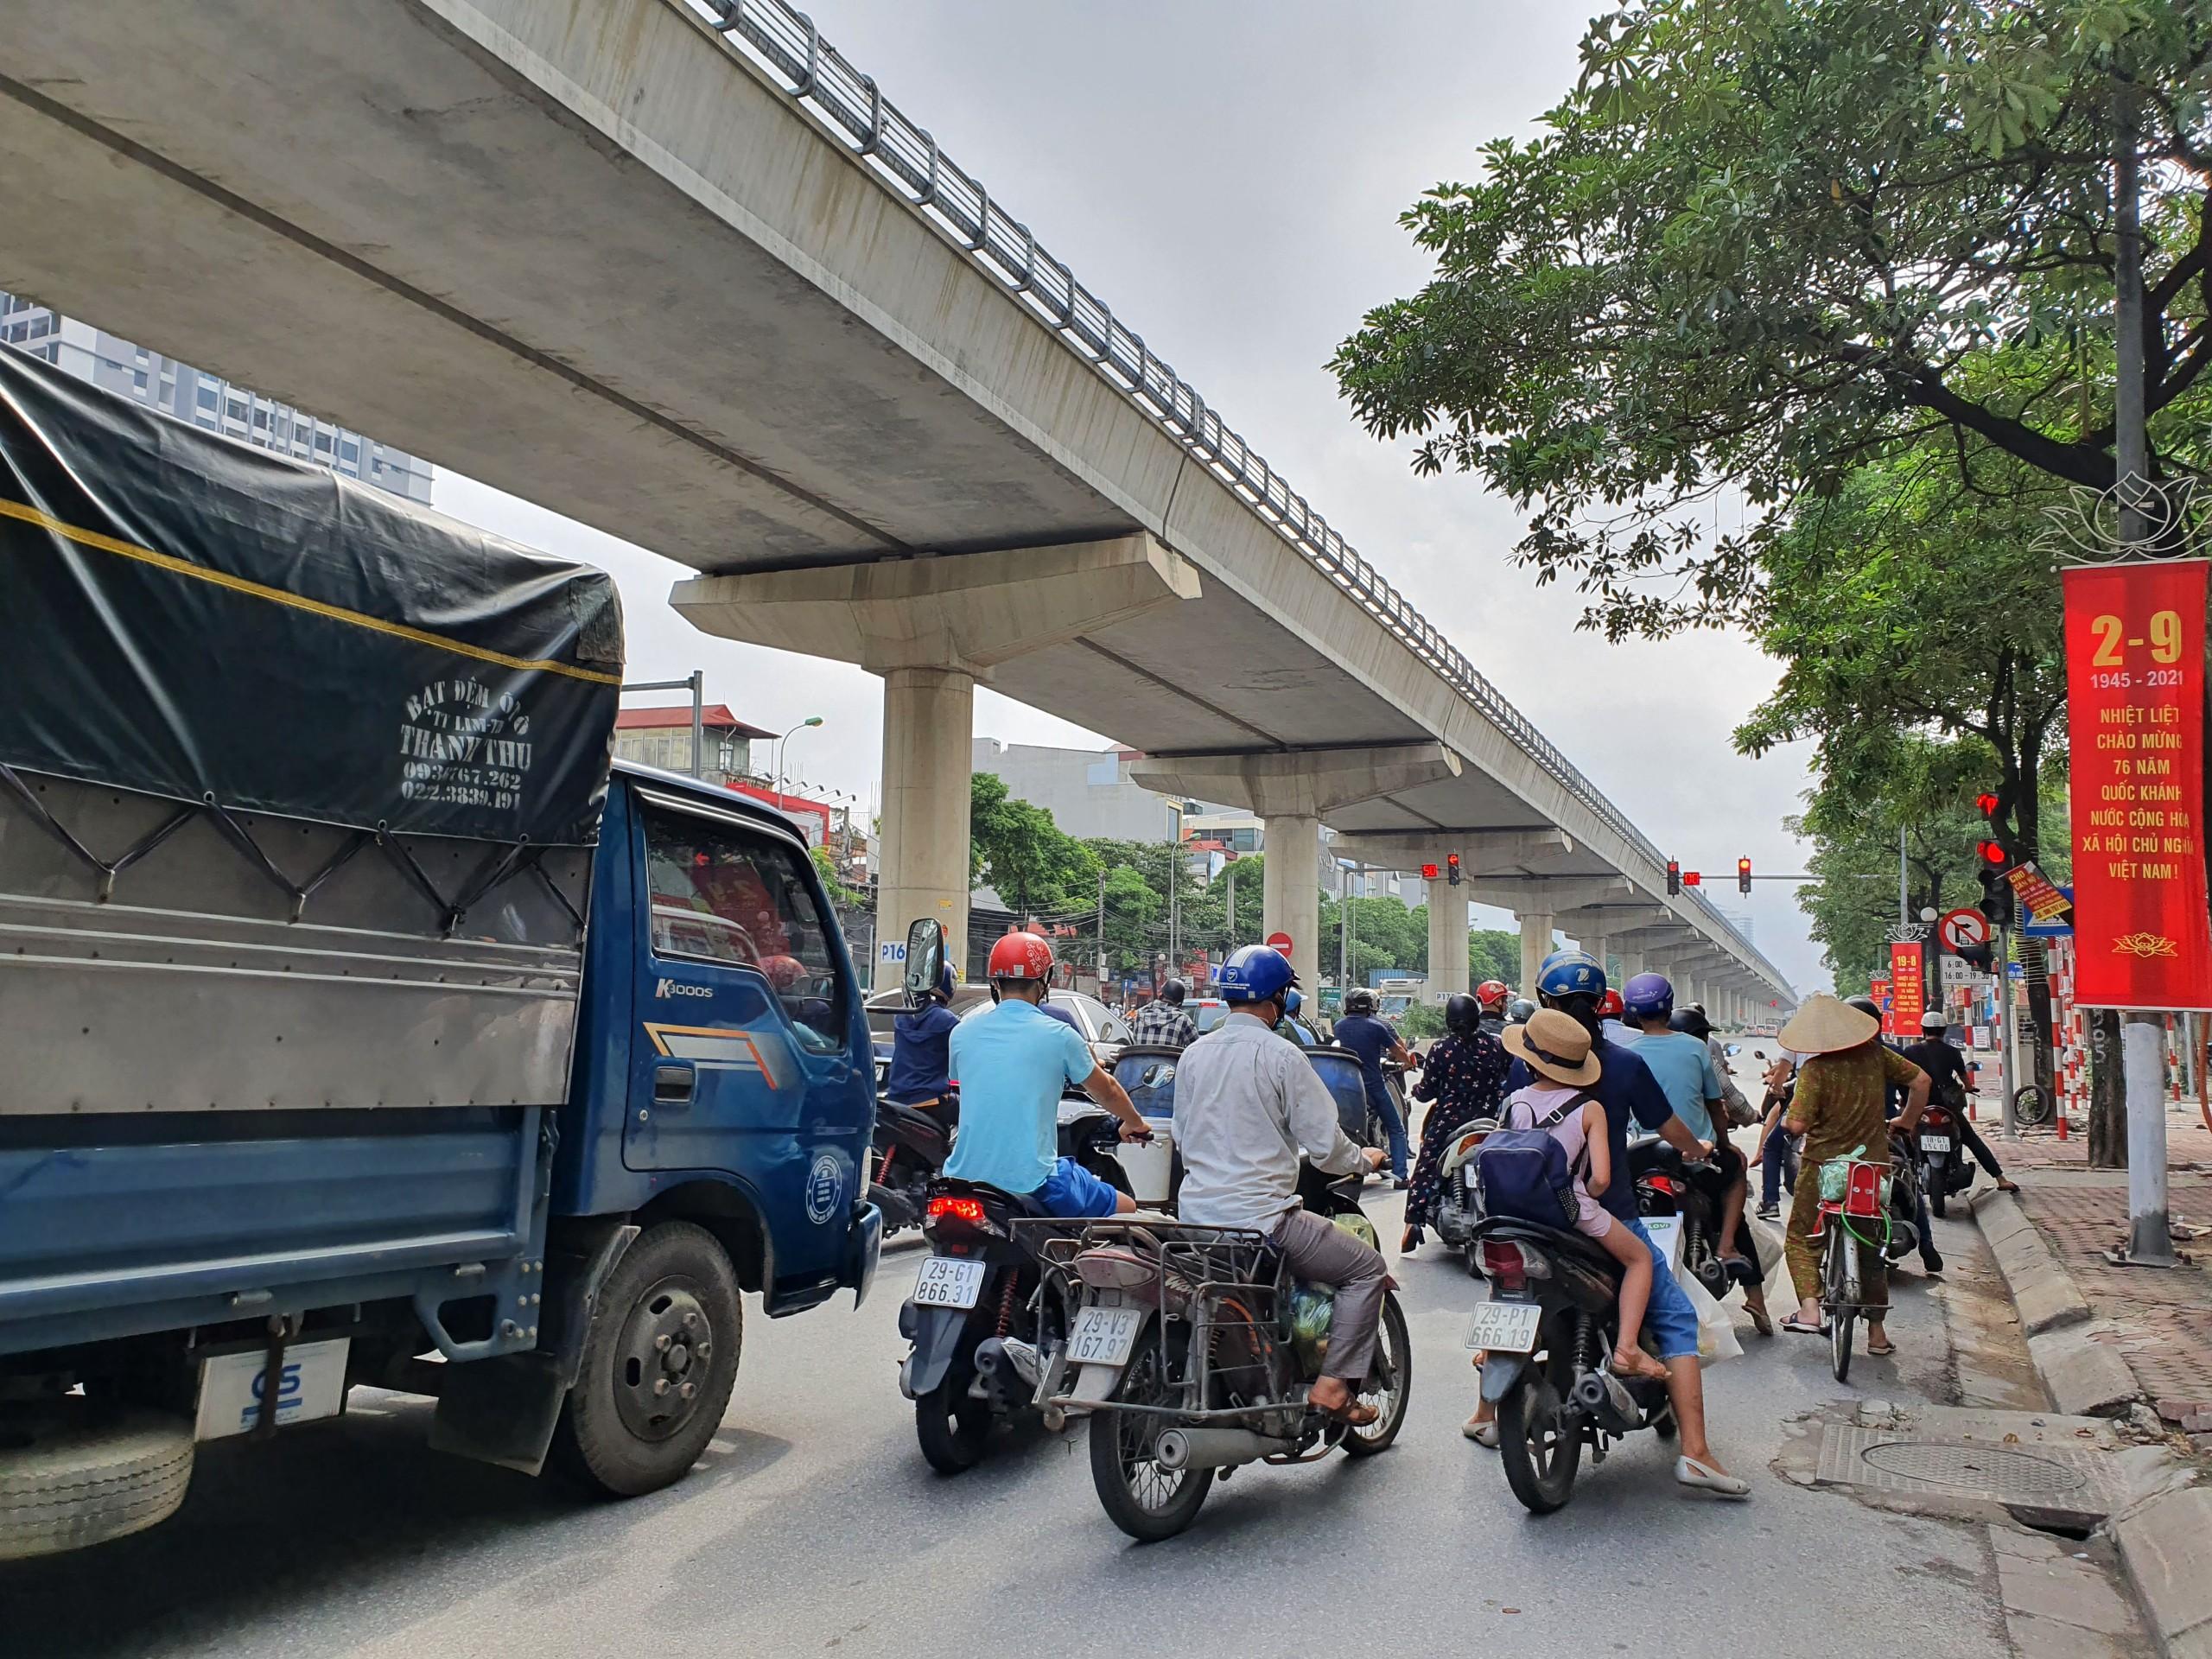 Quốc lộ 32 (đoạn qua Cầu Diễn) đã không còn bóng dáng của lực lượng chức năng kiểm soát giấy đi đường.